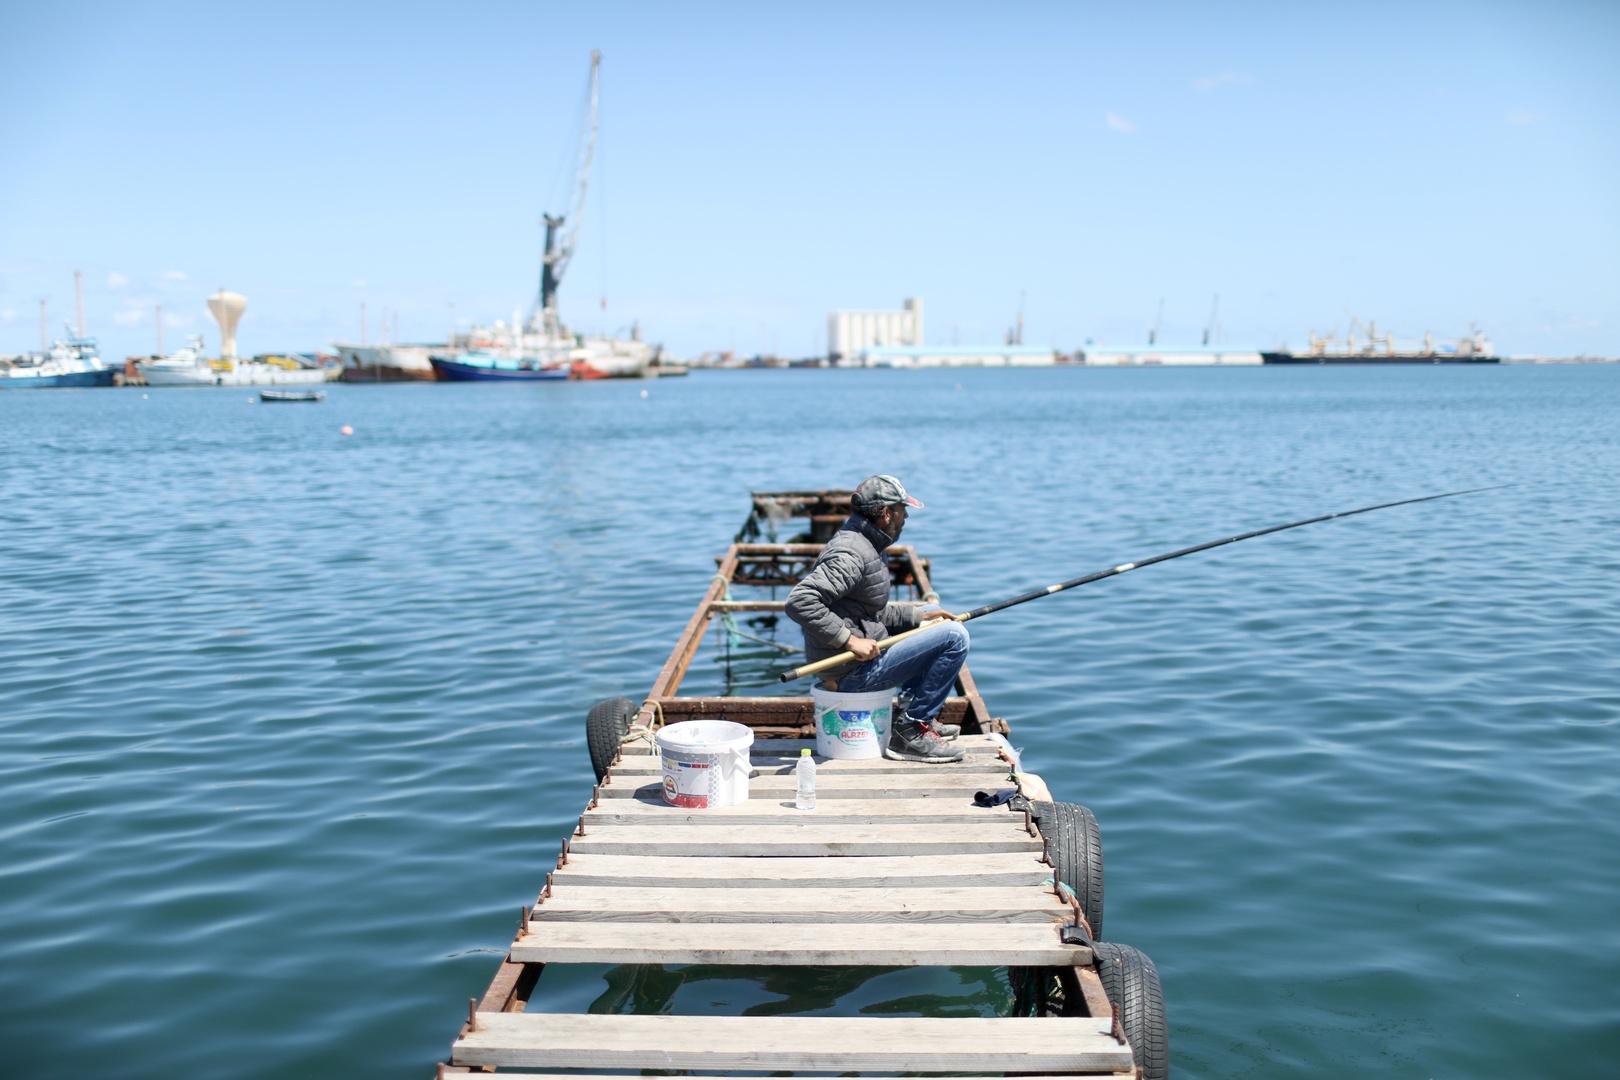 الوفاق الليبية ردا على ترسيم مصر واليونان حدودهما البحرية: لن نسمح لأحد بالاعتداء على حقوقنا